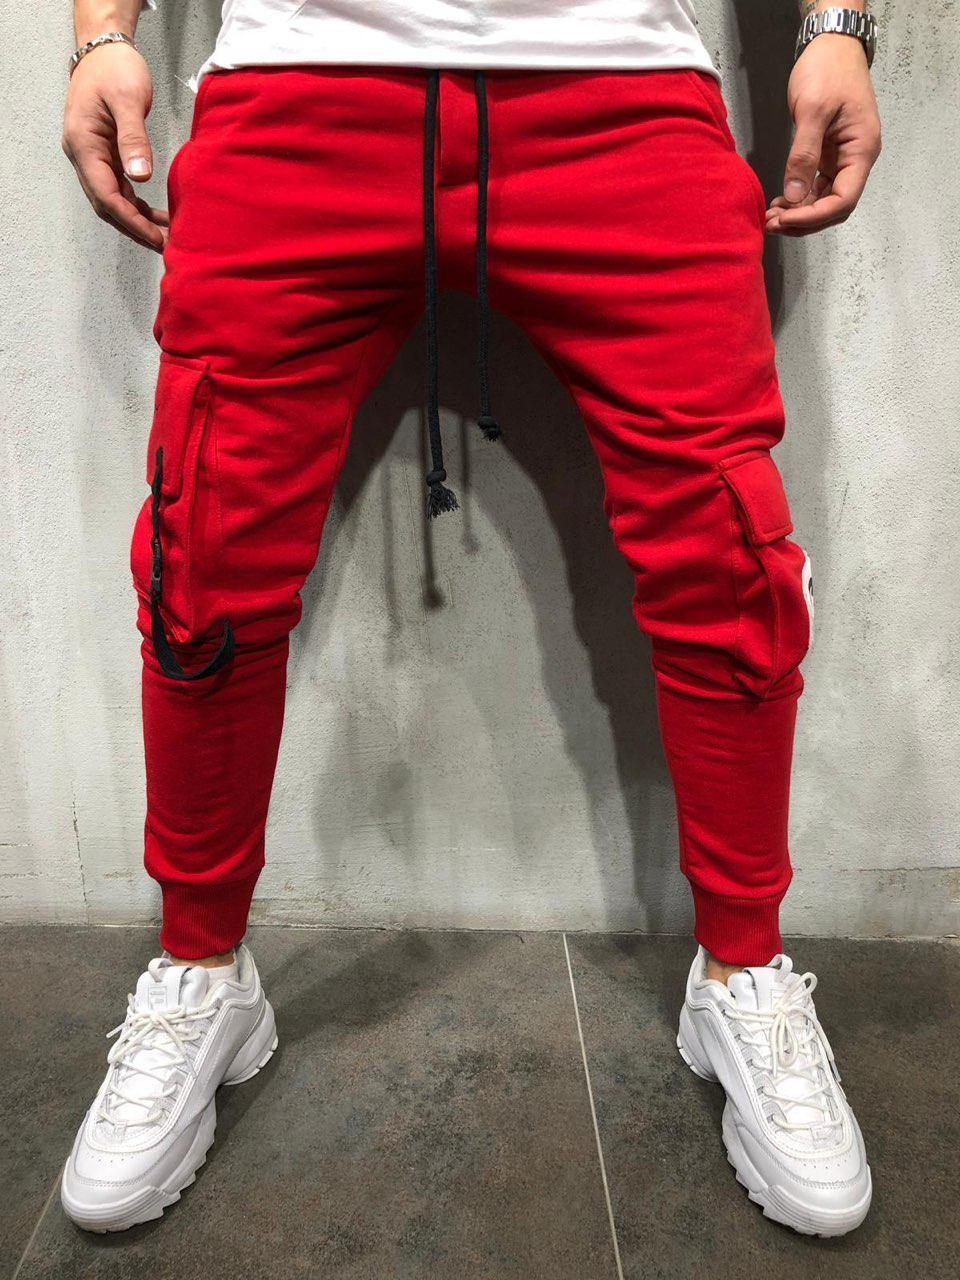 da650a7f Мужские спортивные штаны с накладными карманами красные - Интернет-магазин  обуви и одежды KedON в